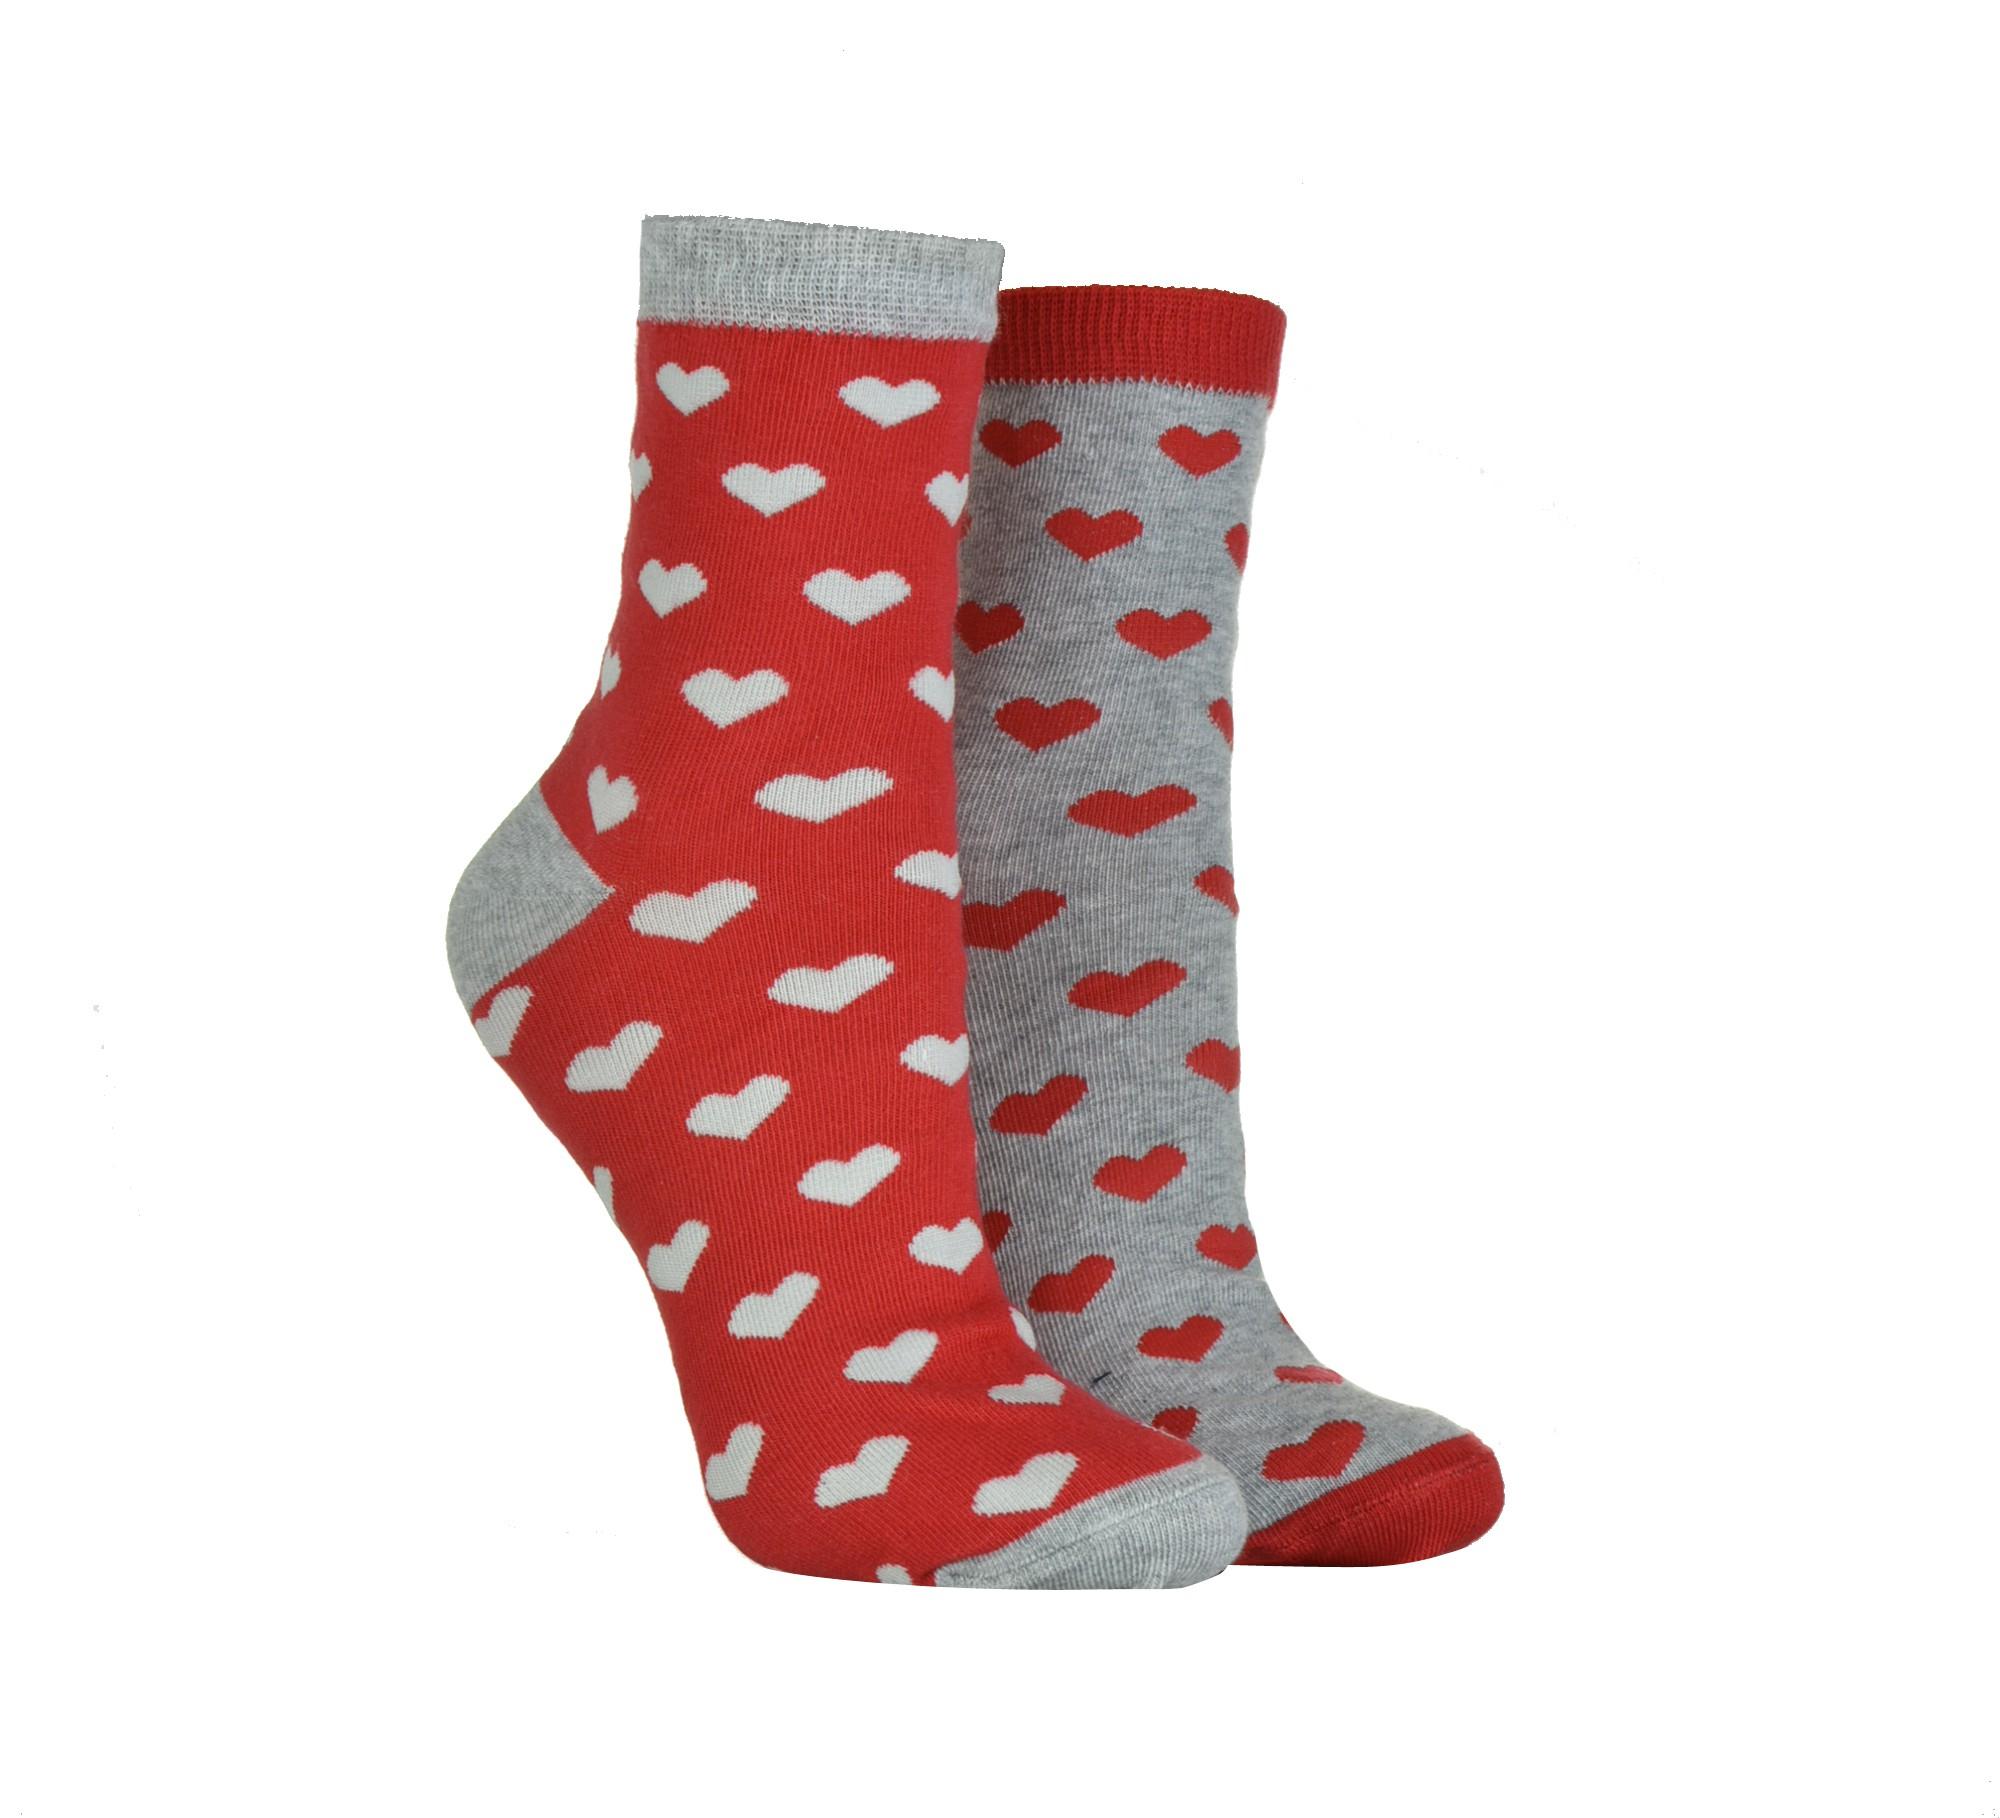 Skarpety damskie wzorzyste marki MILENA wzór Walentynki